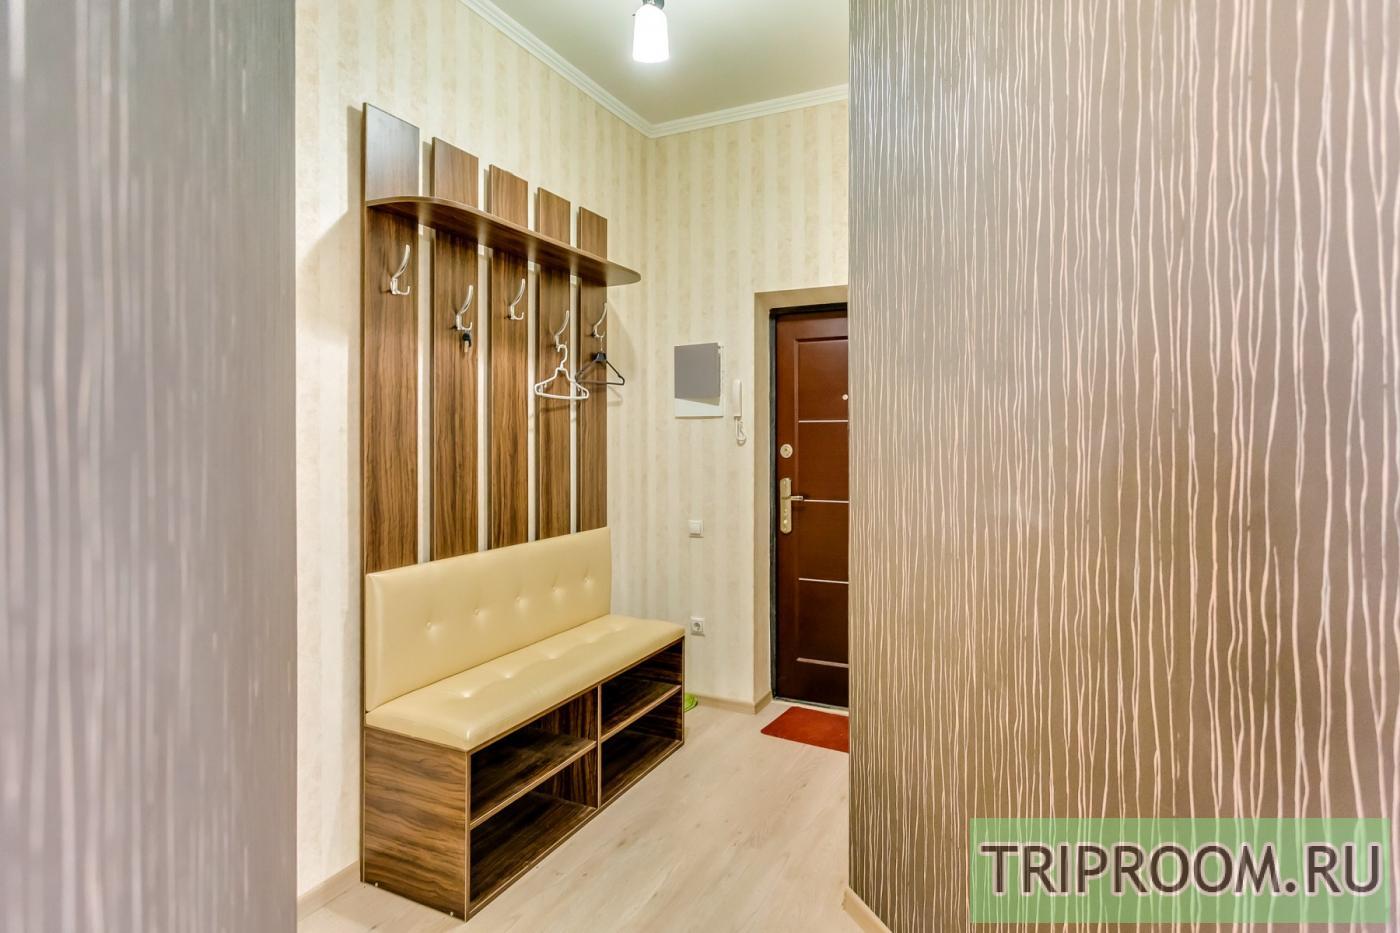 3-комнатная квартира посуточно (вариант № 23511), ул. Красноармейская улица, фото № 20